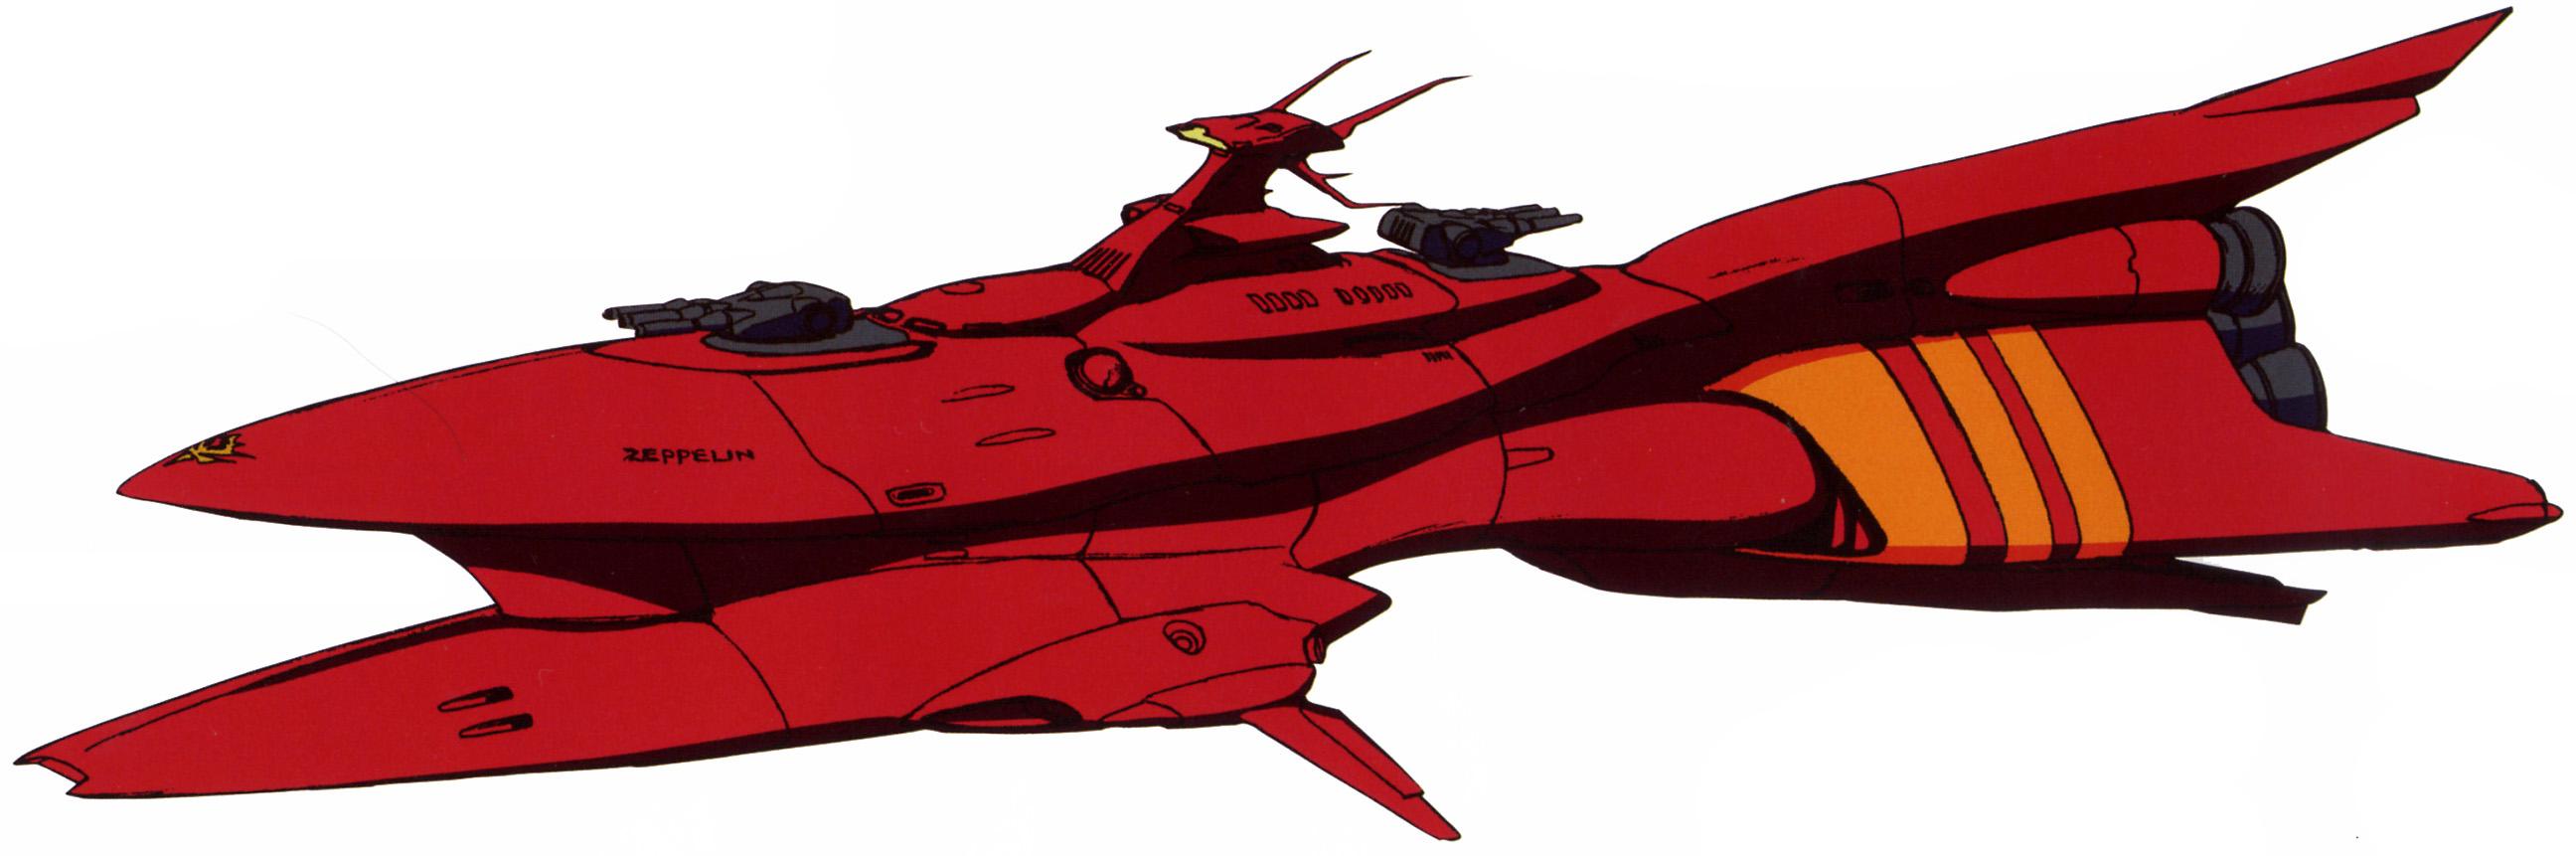 File:Tivvay class cruiser (gundam).jpg